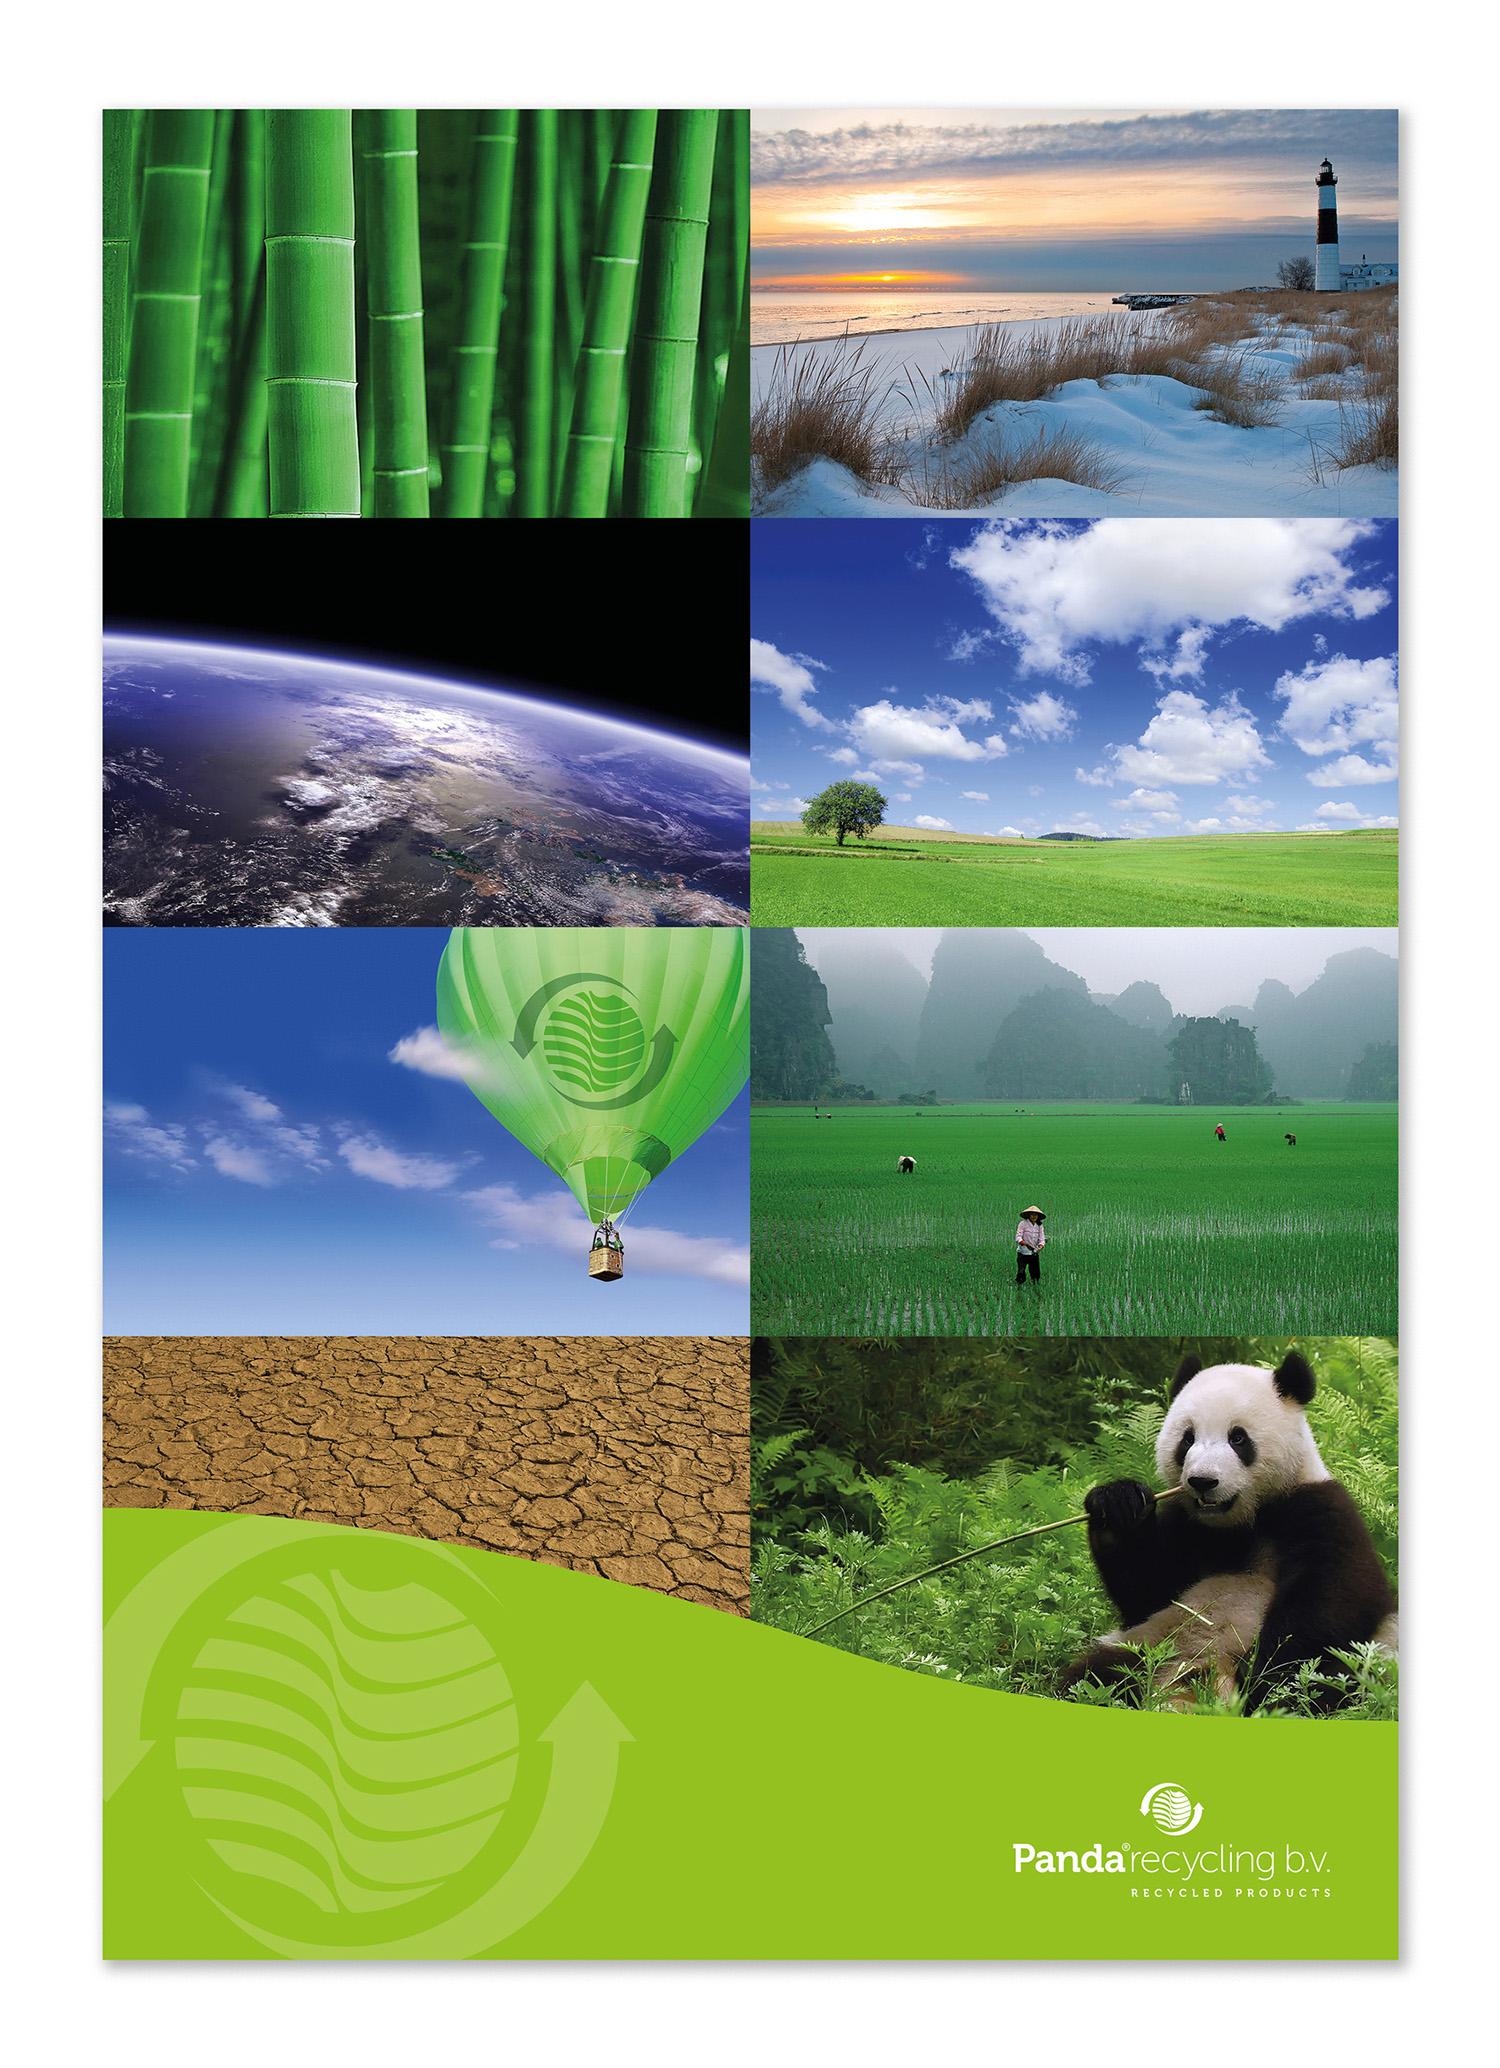 Posters_Panda_70x100cm1_pres